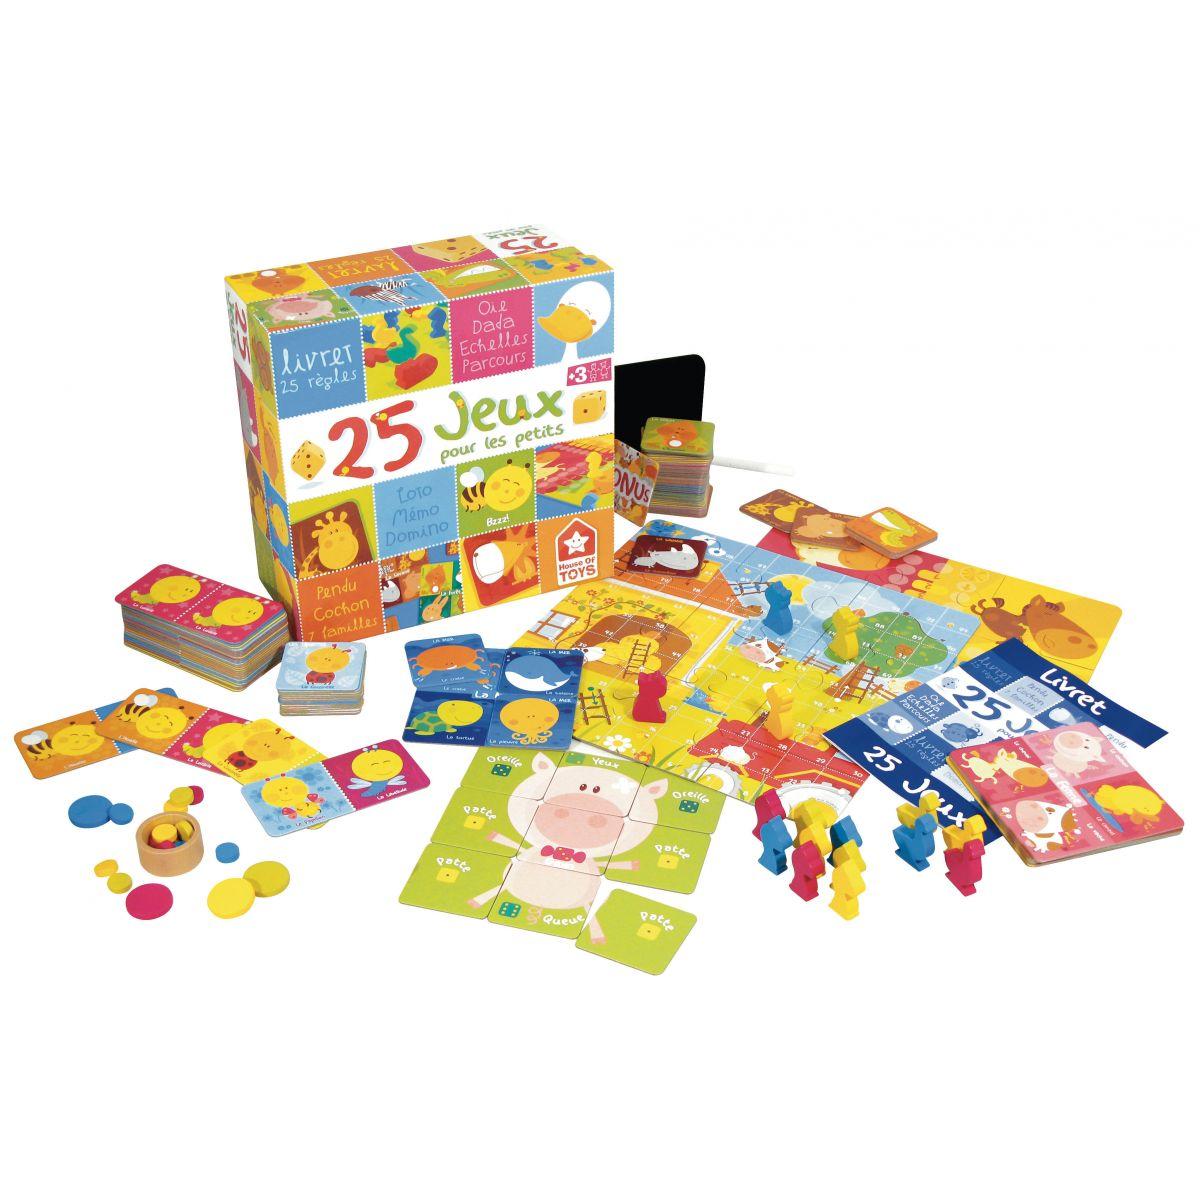 25 jeux pour les petits partir de 3 ans sebio. Black Bedroom Furniture Sets. Home Design Ideas